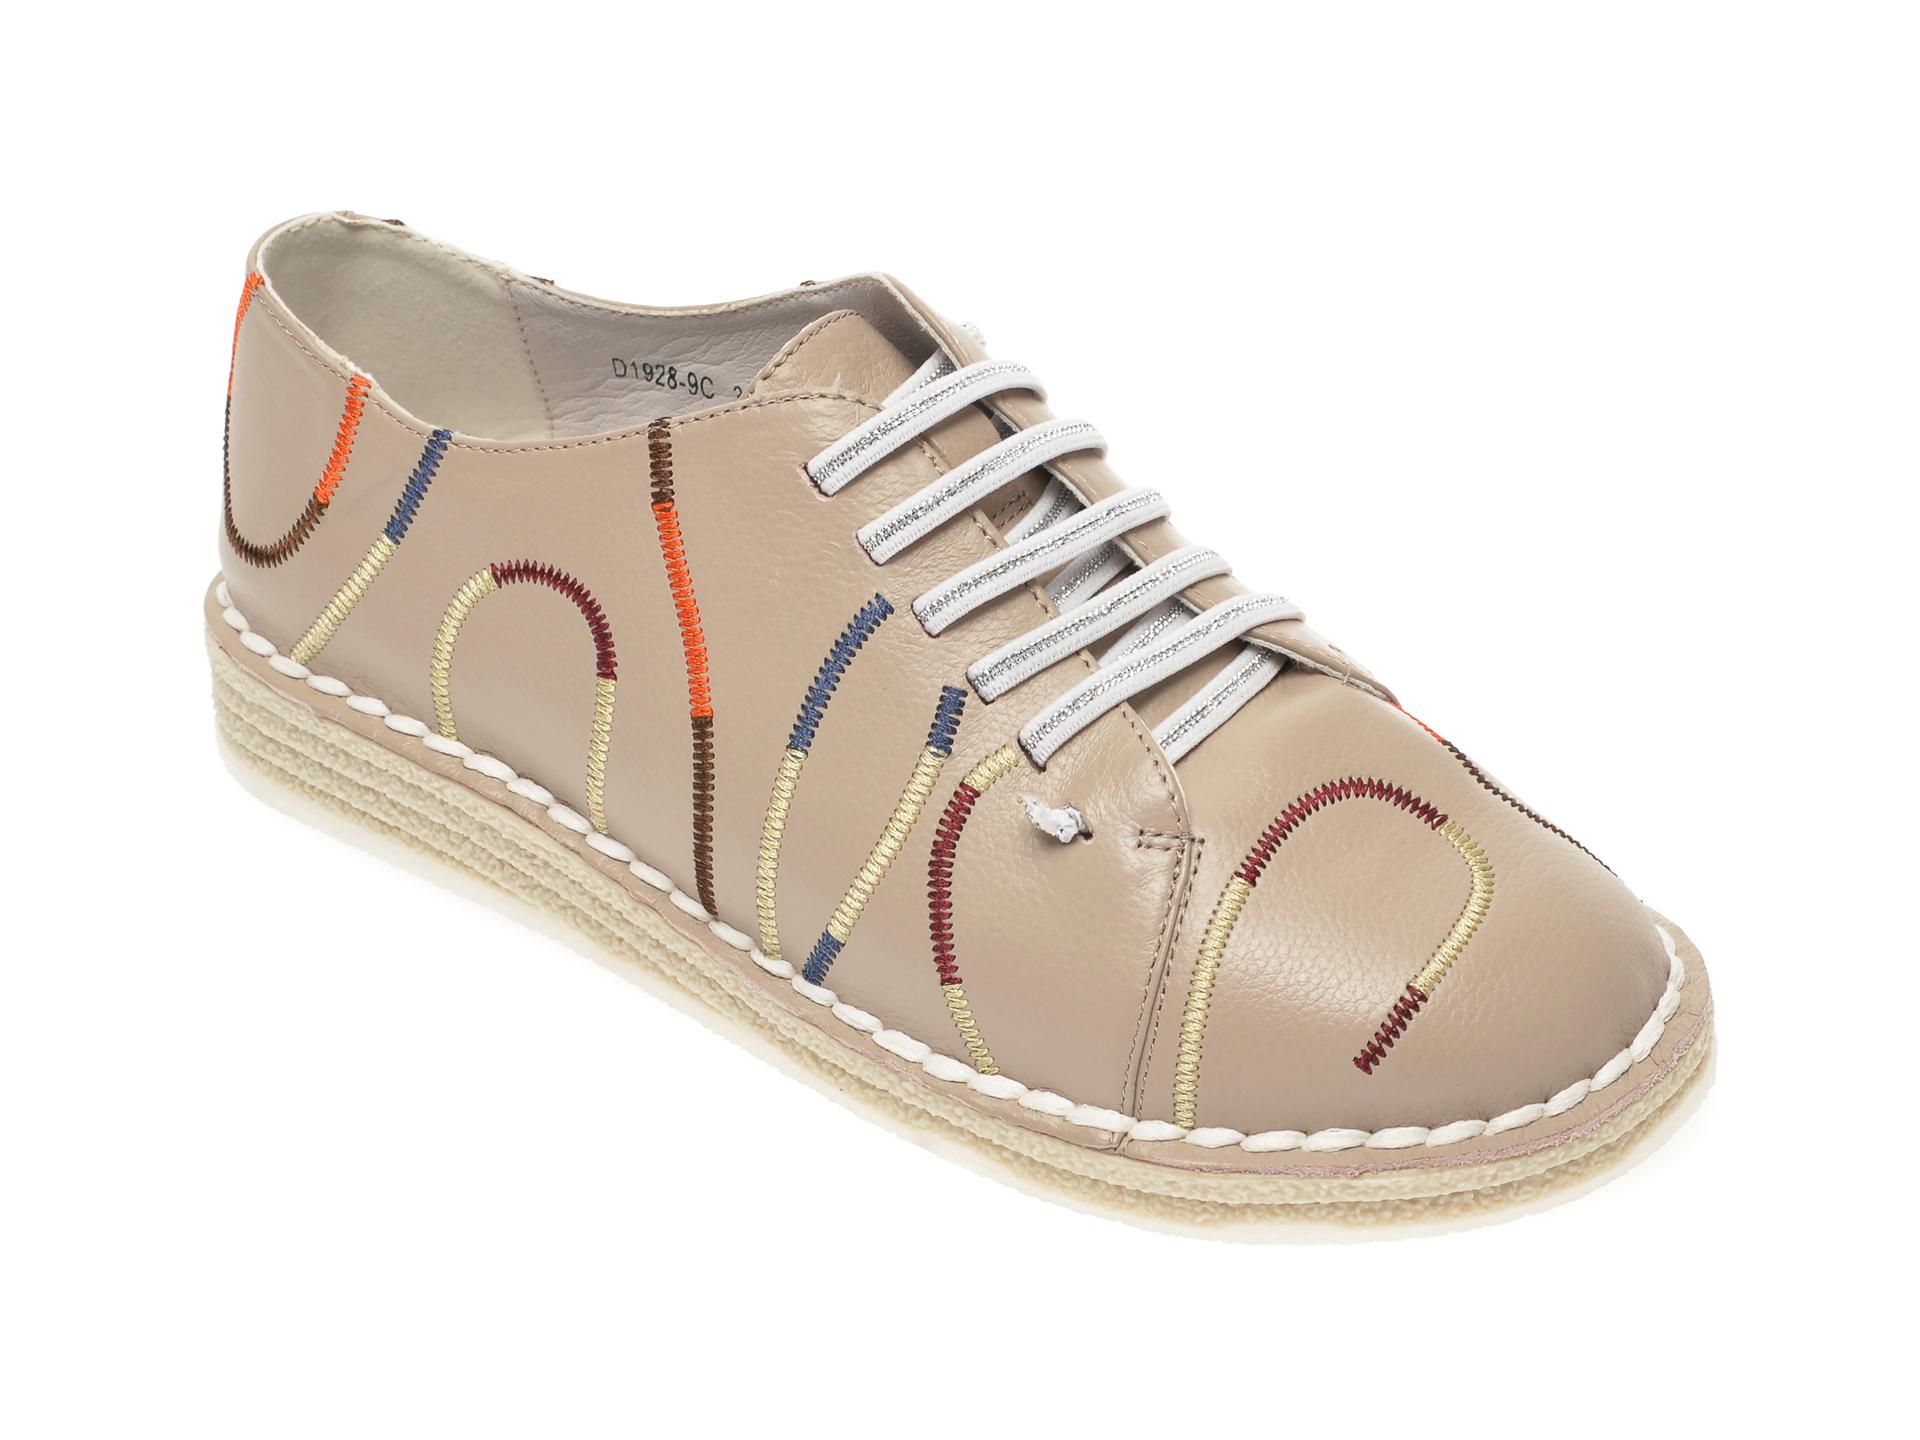 Pantofi IMAGE bej, D19289, din piele naturala imagine